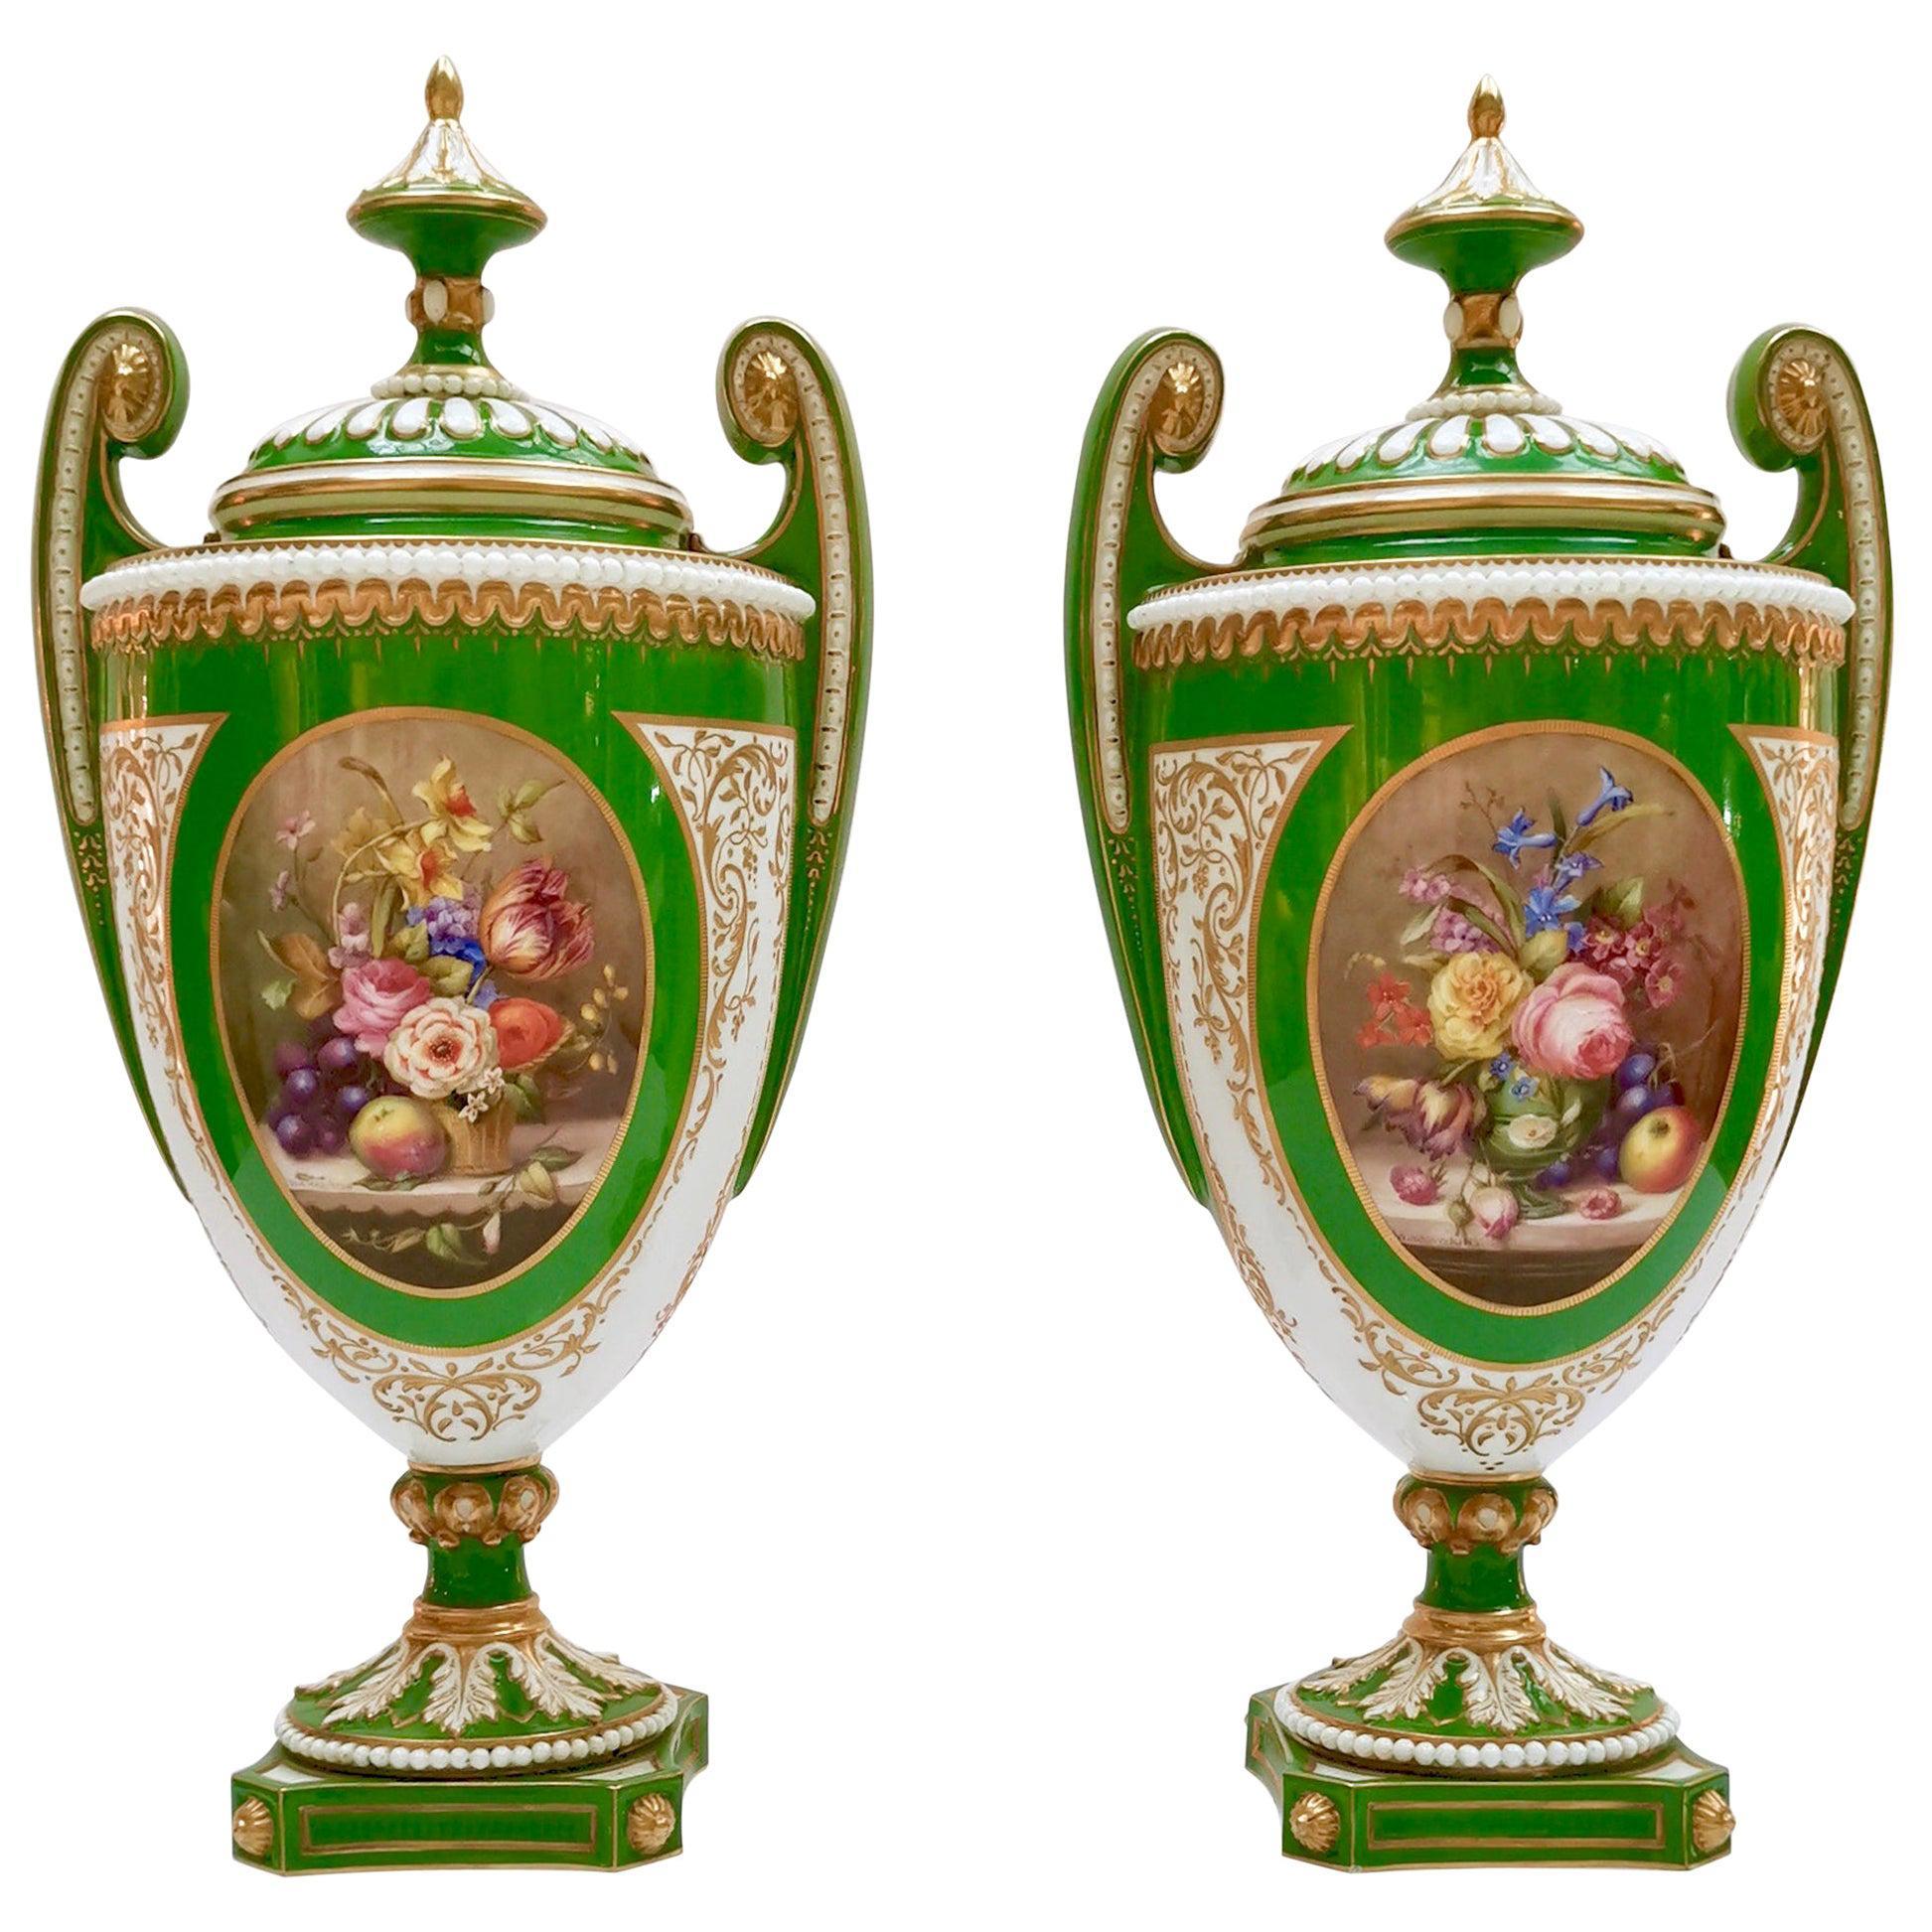 Royal Worcester 2 Porcelain Vases, Green Floral, Signed William Hawkins, 1907